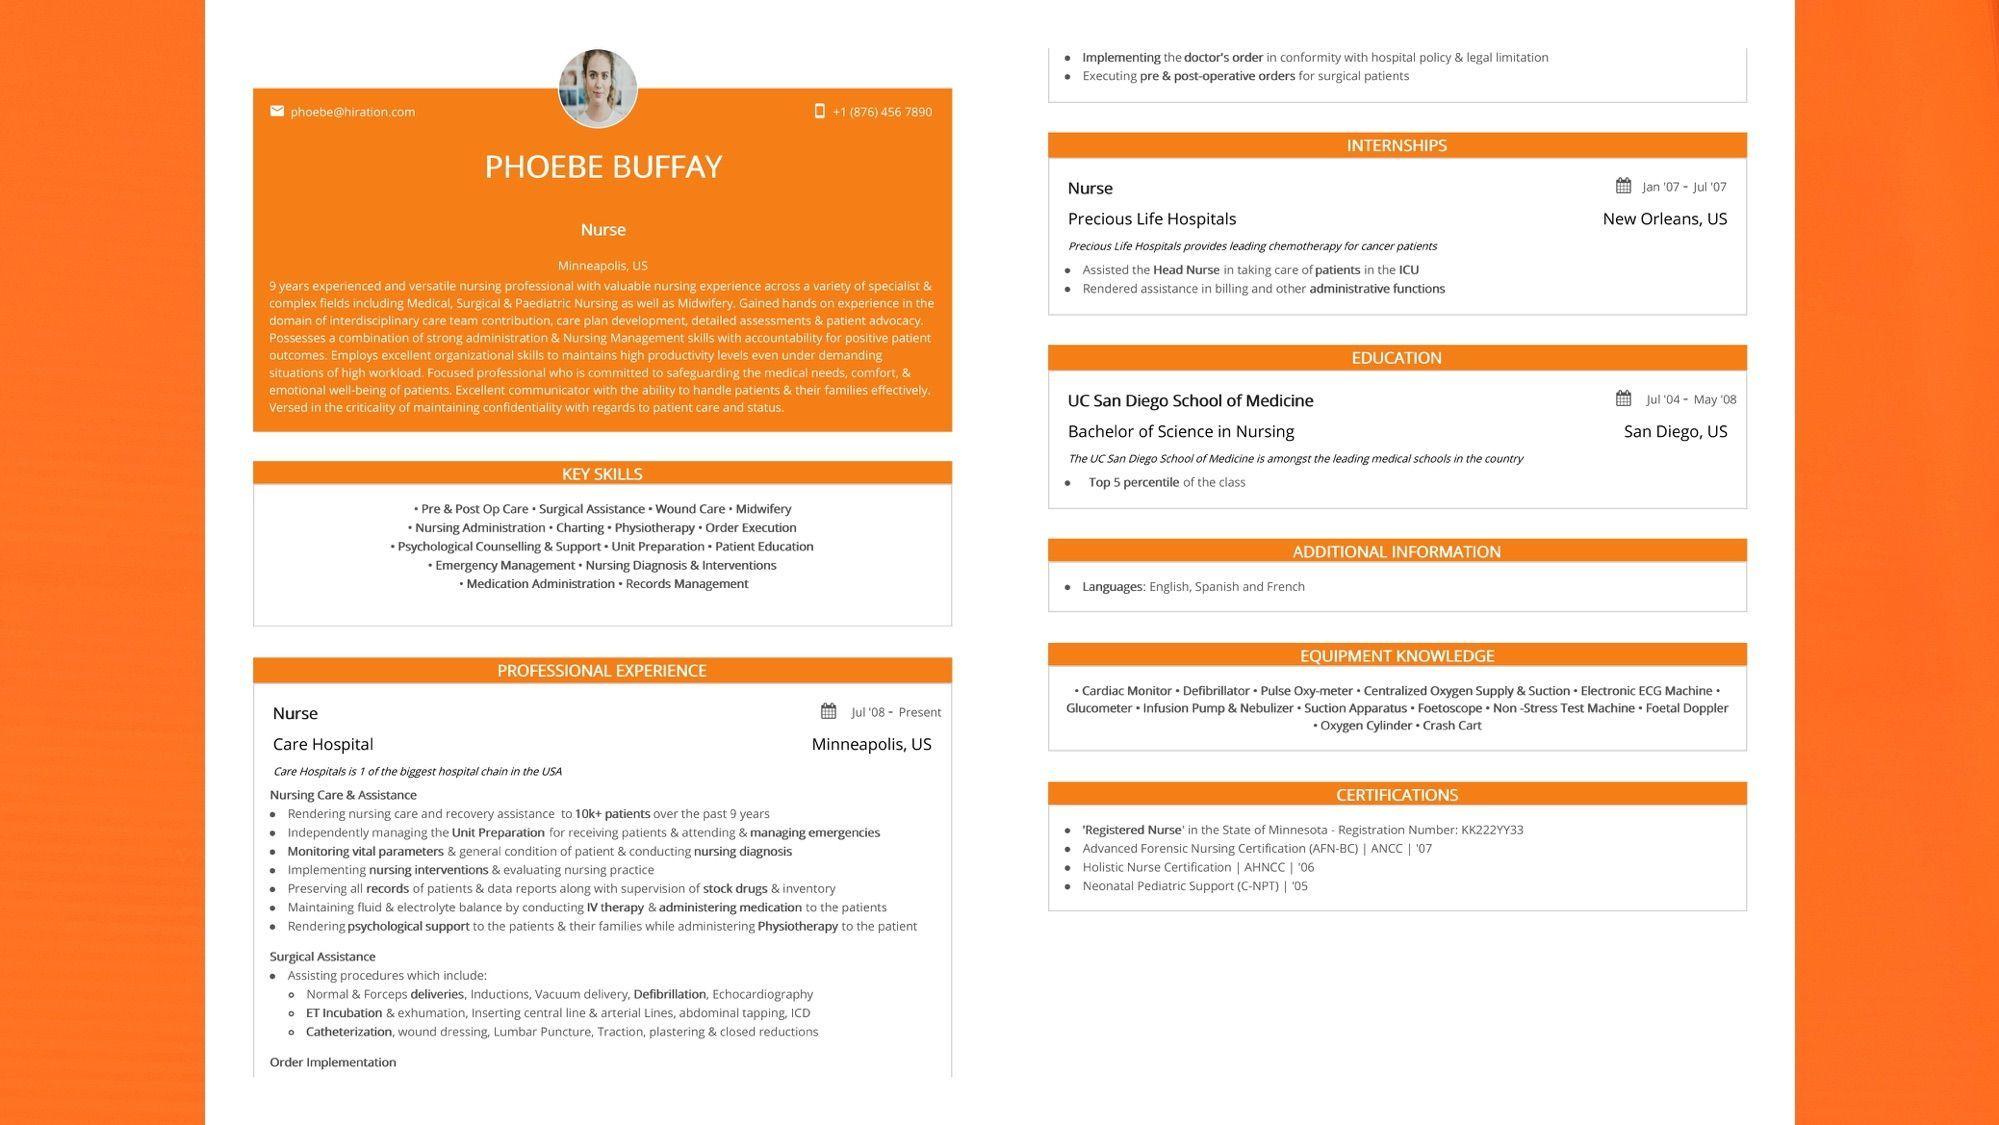 Nursing resume 2020 guide to nursing resumes samples